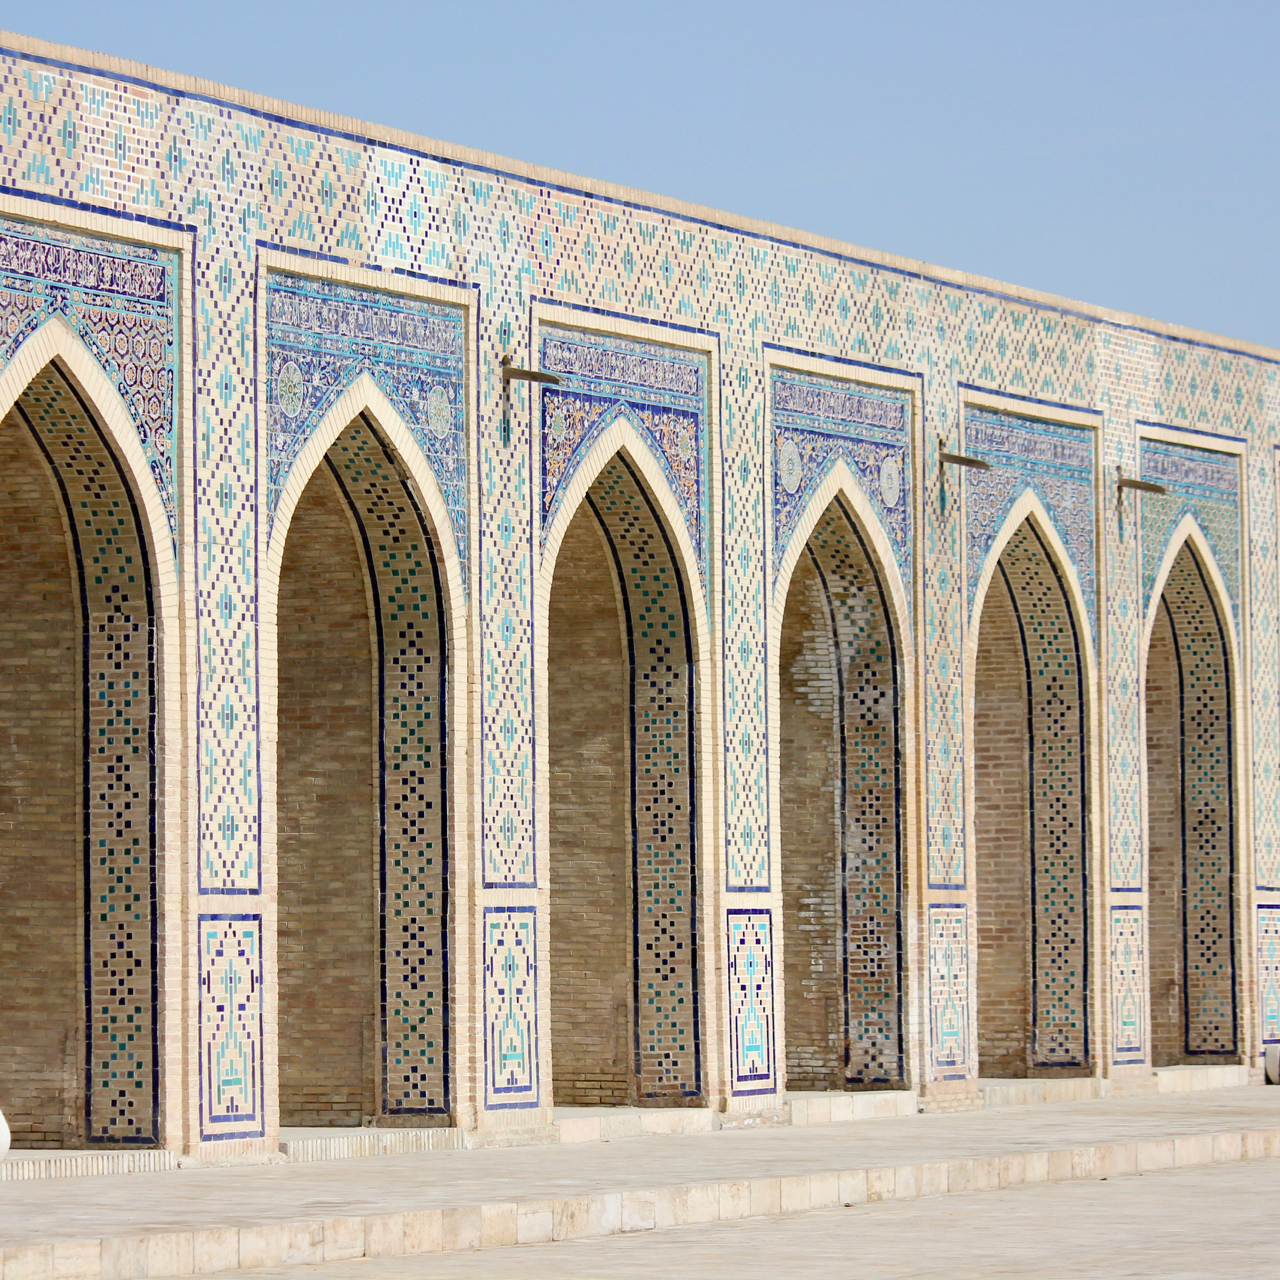 bukhara, uzbekistan - 23